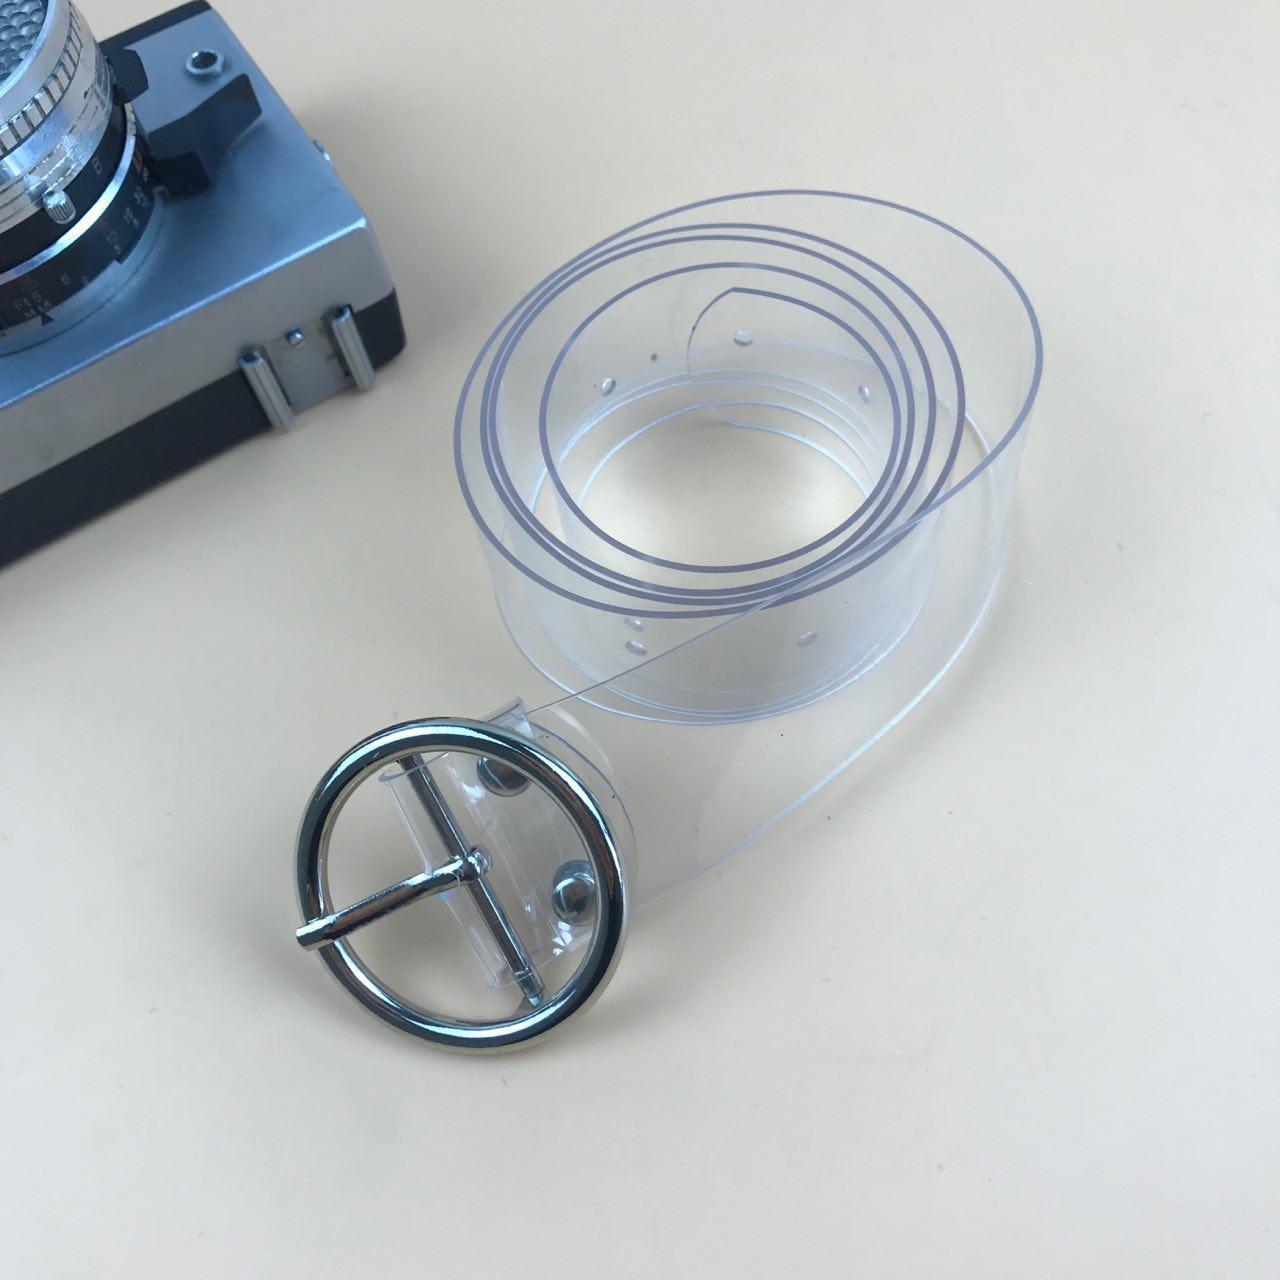 Ремень Пояс City-A Belt 100 см Прозрачный круг